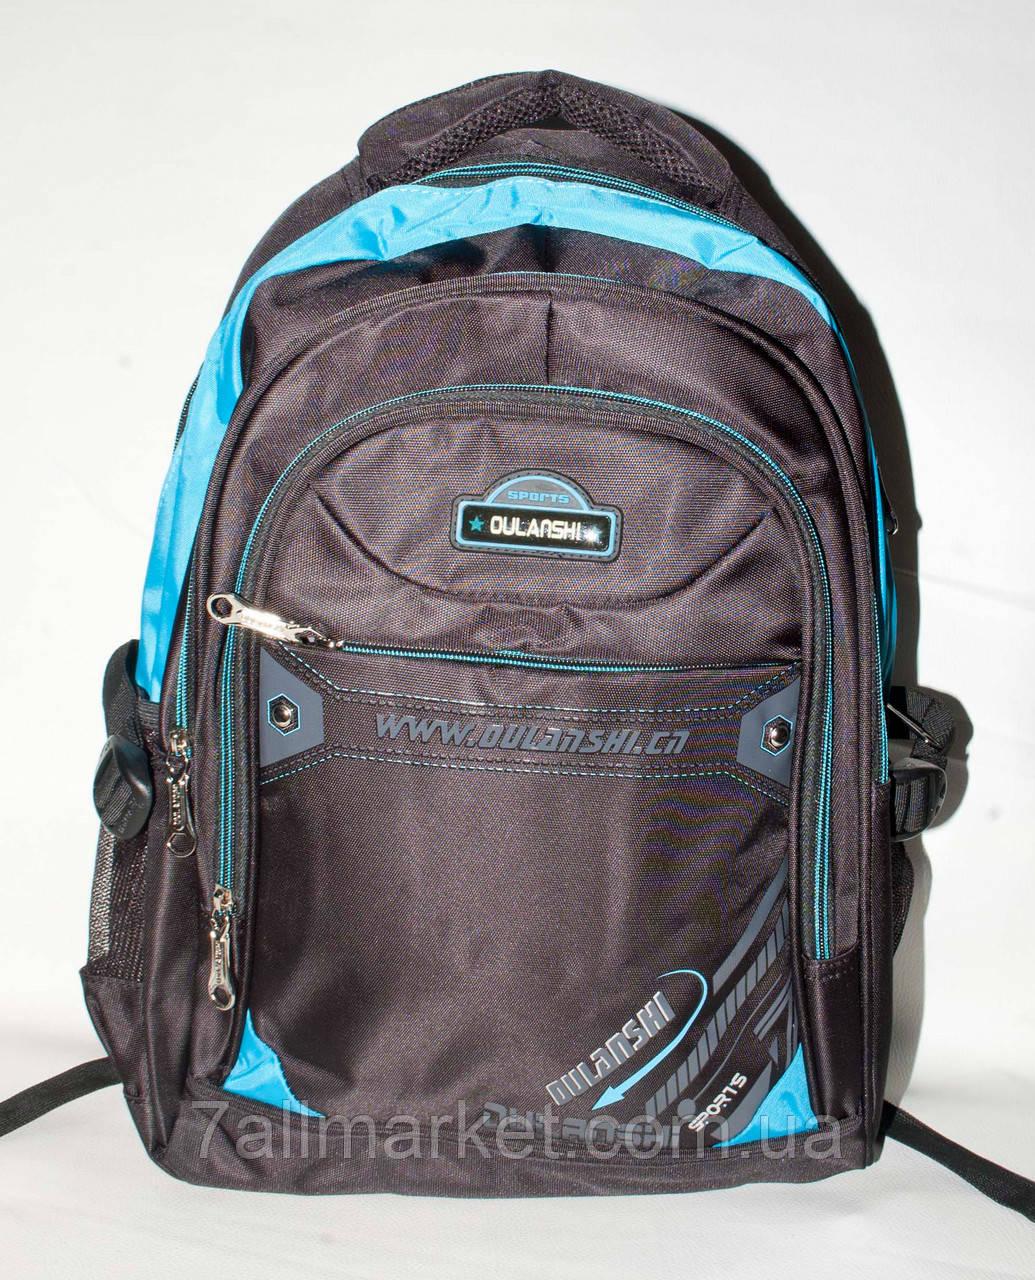 bc0ca5132777 Рюкзак мужской спортивный текстильный размер 30*50 (3 цвета) Серии